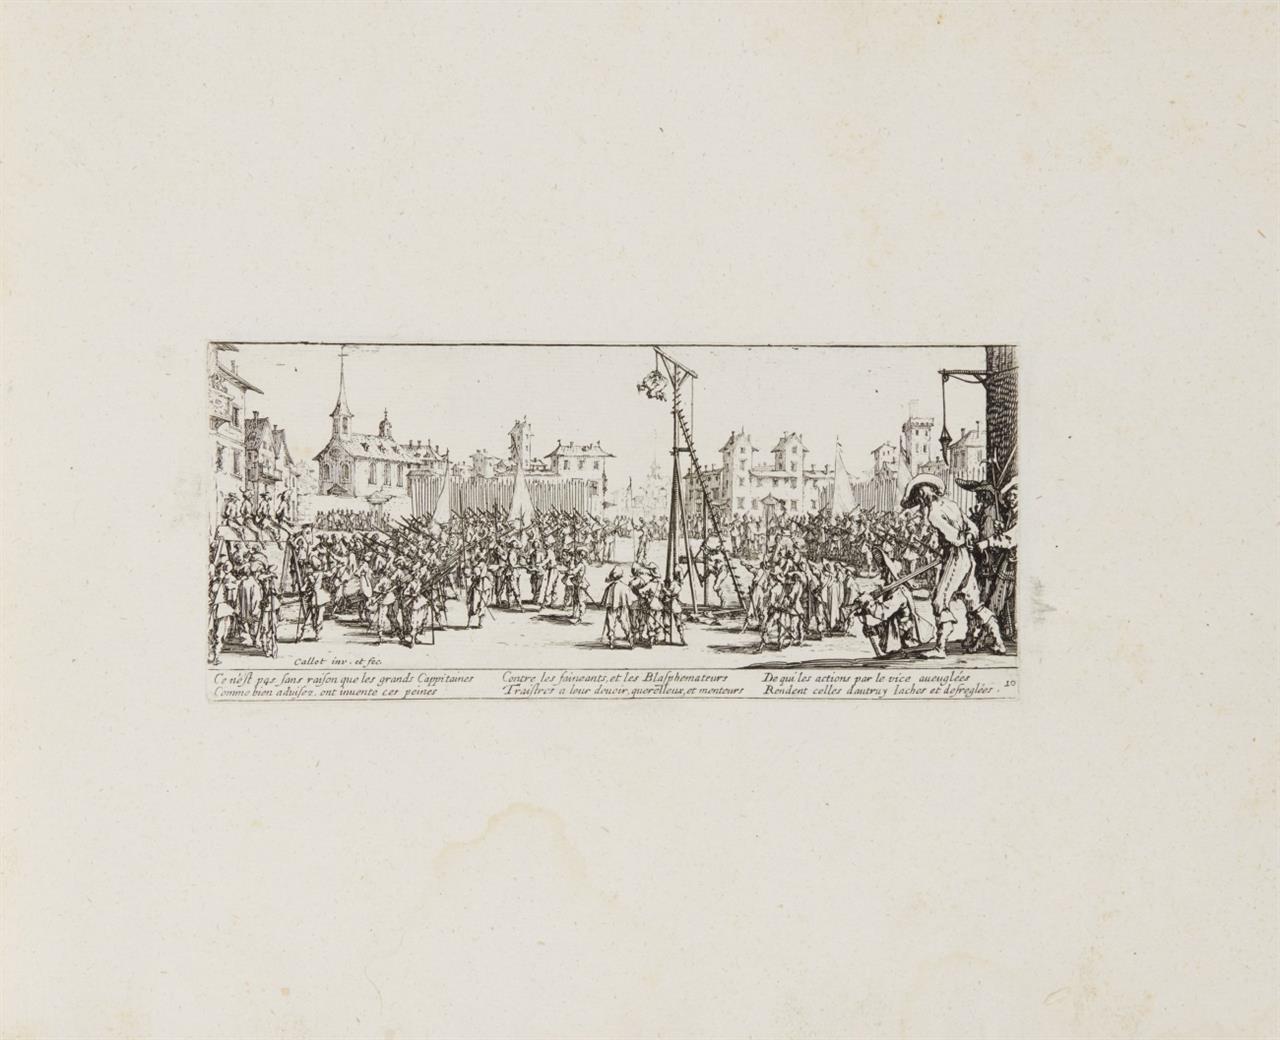 Jacques Callot. Les Miseres et les Mal-Heurs de la Guerre. 1633. Komplette Folge von 18 Blatt Radierungen, in Album montiert.